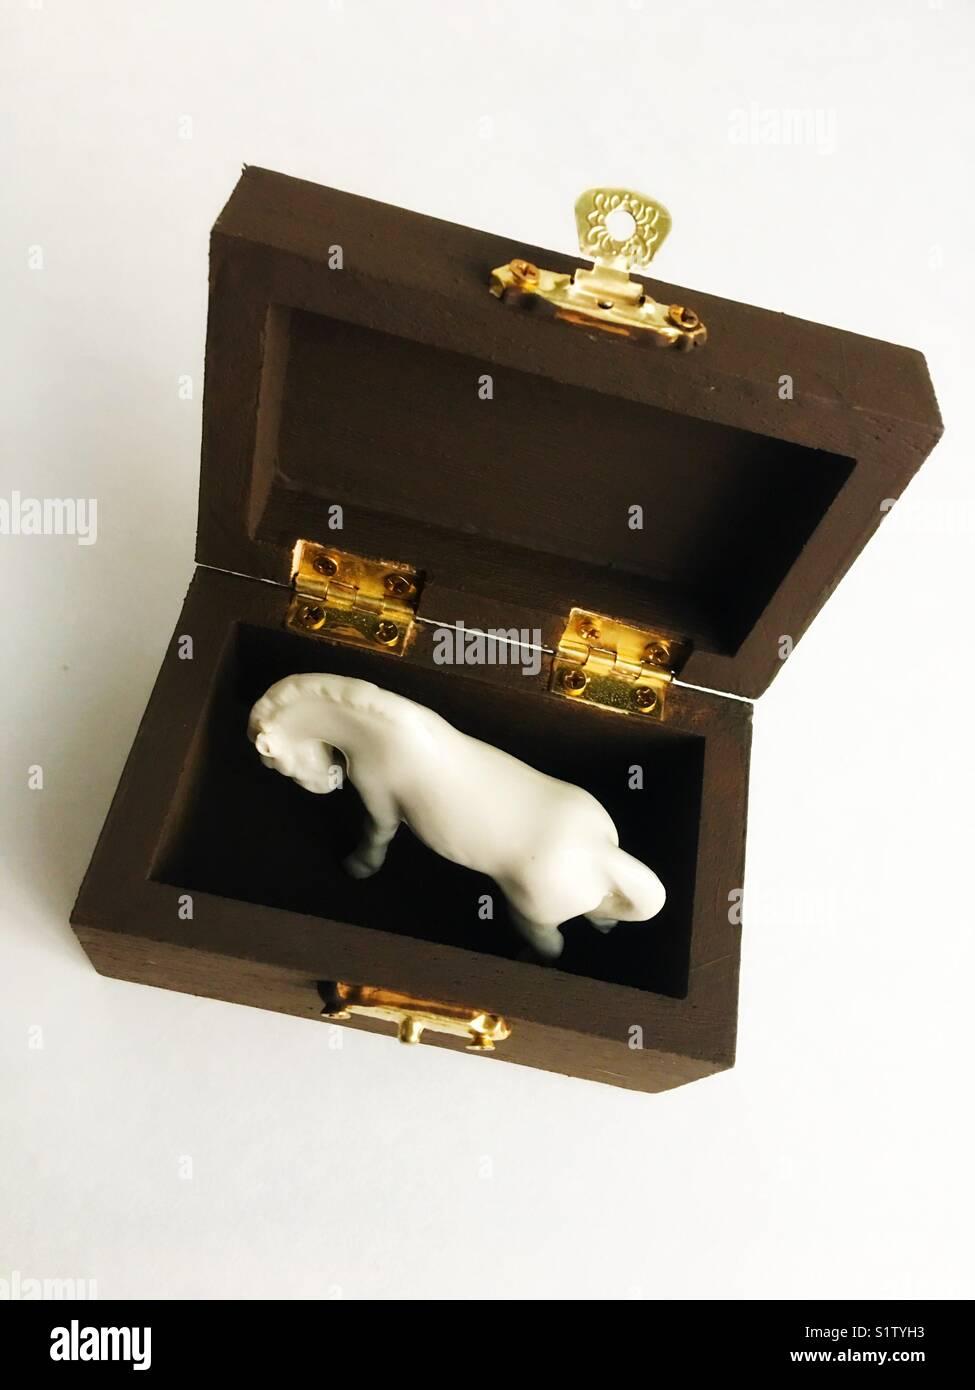 Una ceramica cavallo bianco in una scatola. Immagini Stock